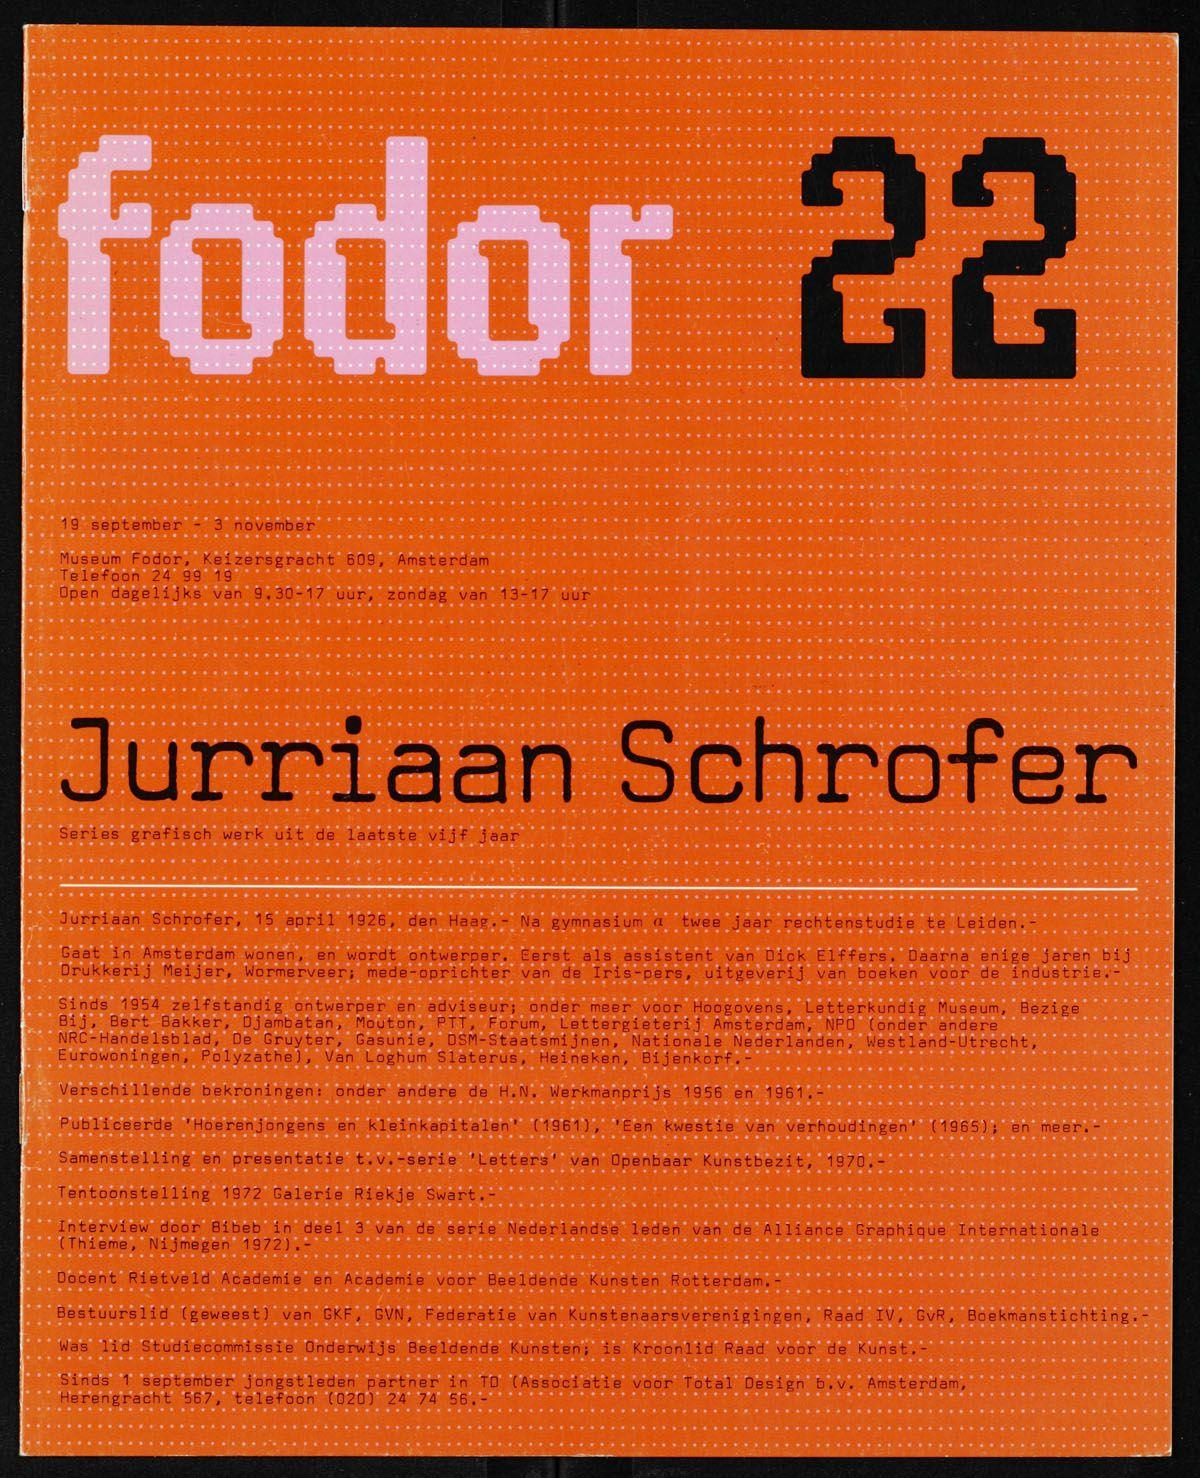 Jurriaan Schrofer, series grafisch werk uit de laatste vijf jaar. Fodor 22, 19 september - 3 november / mede-vervaardiging: Daphne Duijvelshoff, Wim Crouwel, 1974